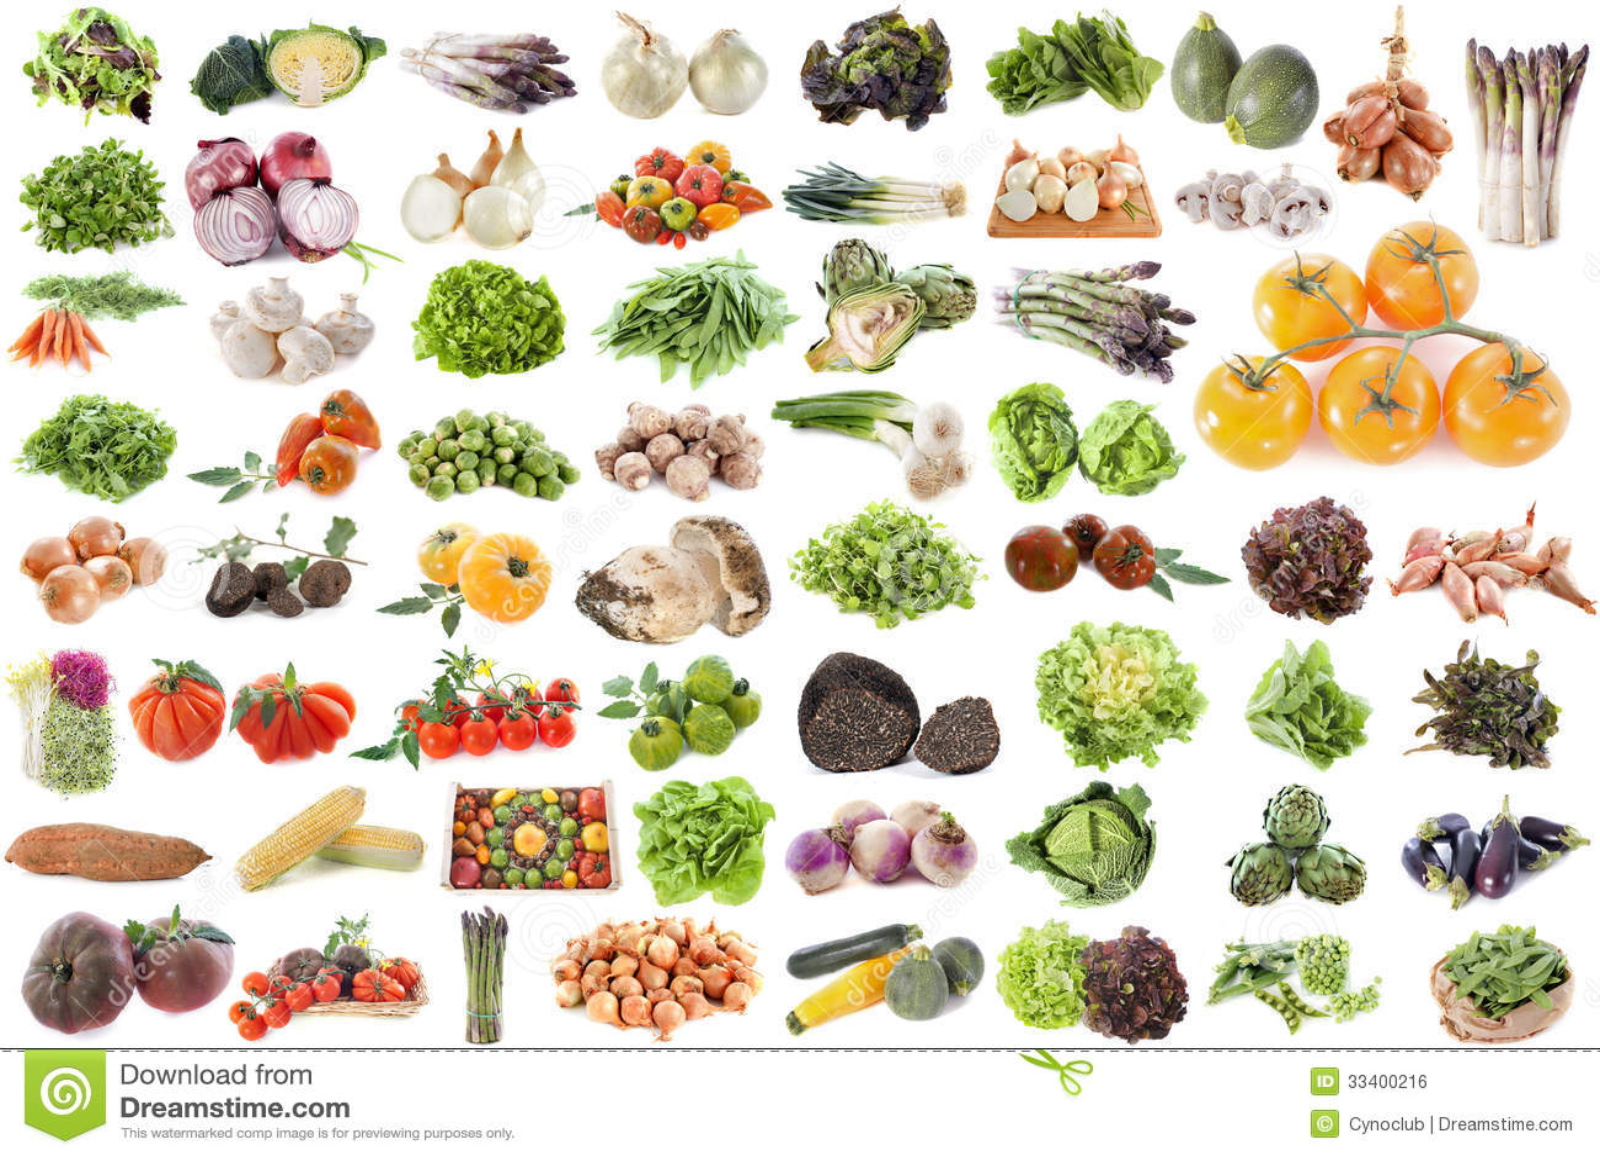 Les Fruits et Lgumes - Le Groupe LM